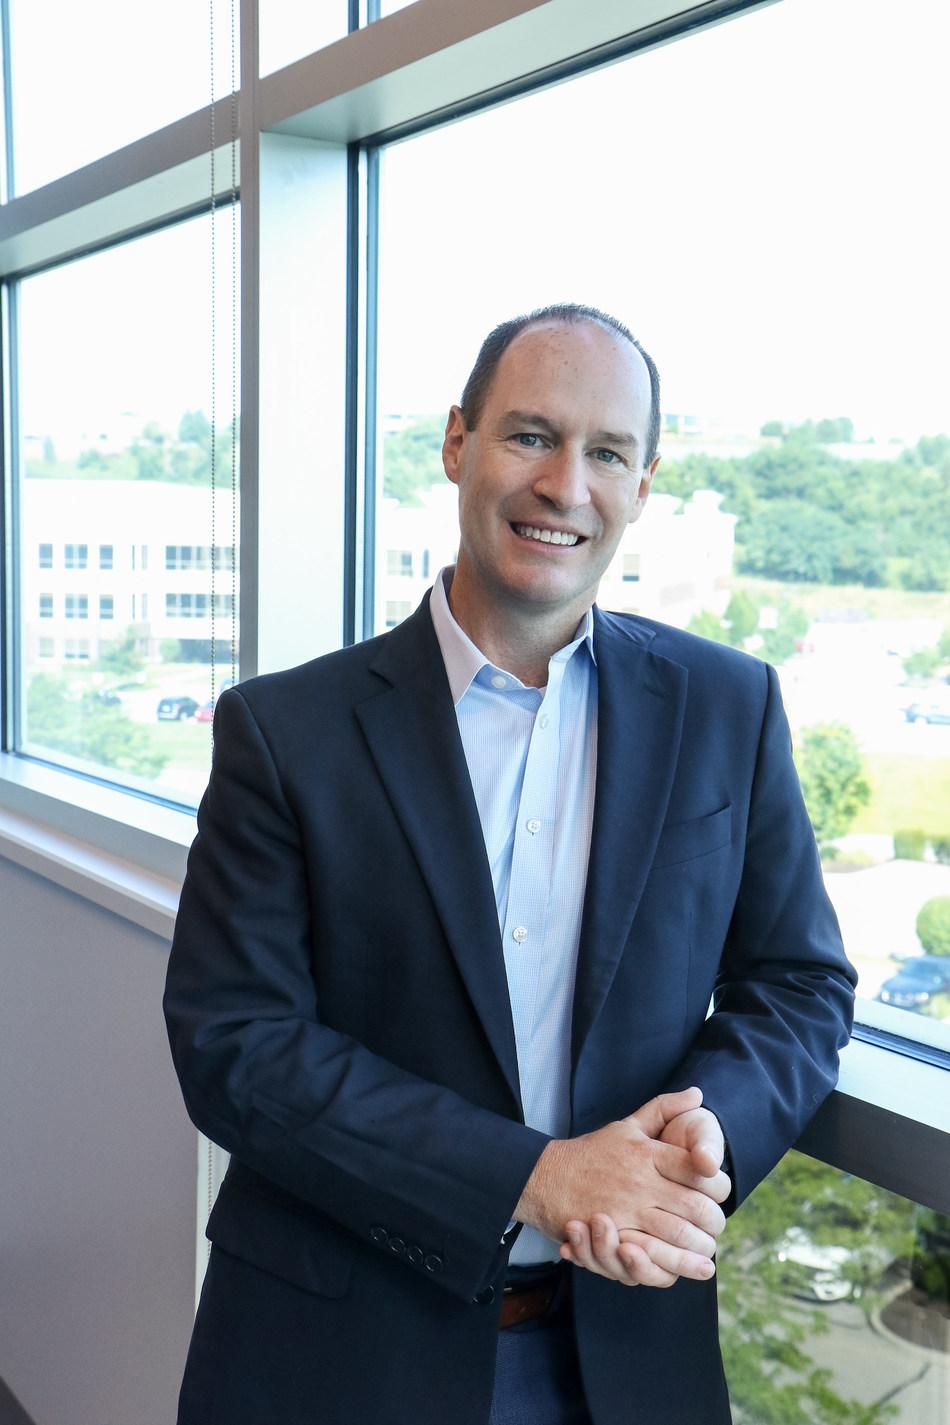 Mike Einodshofer, RPh, MBA, Chief Pharmacy Officer at Maxor